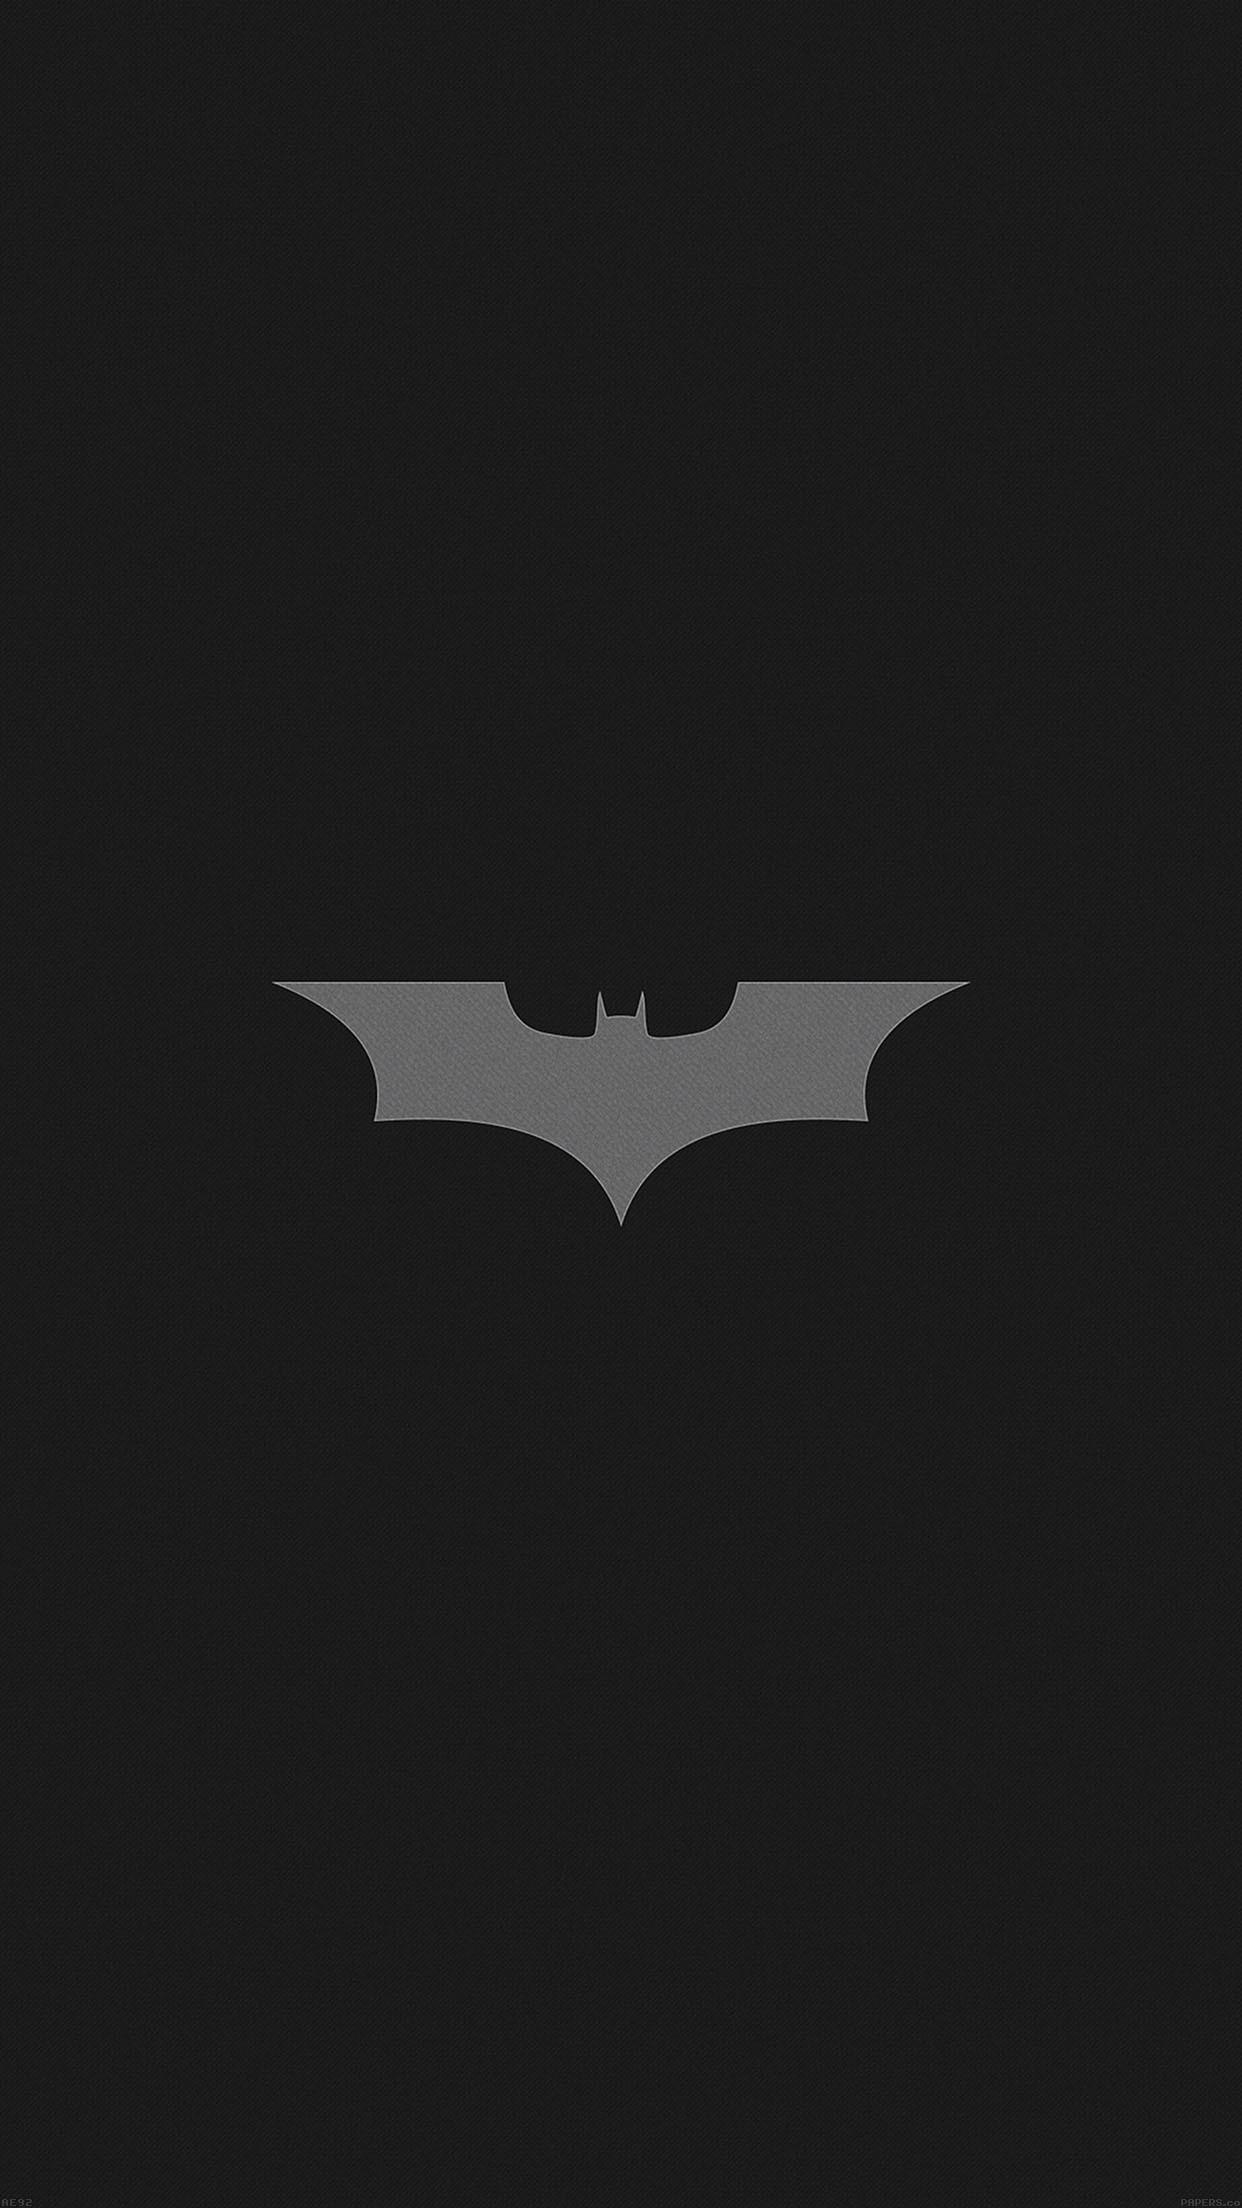 Batman Sign Wallpapers Wallpaper Cave